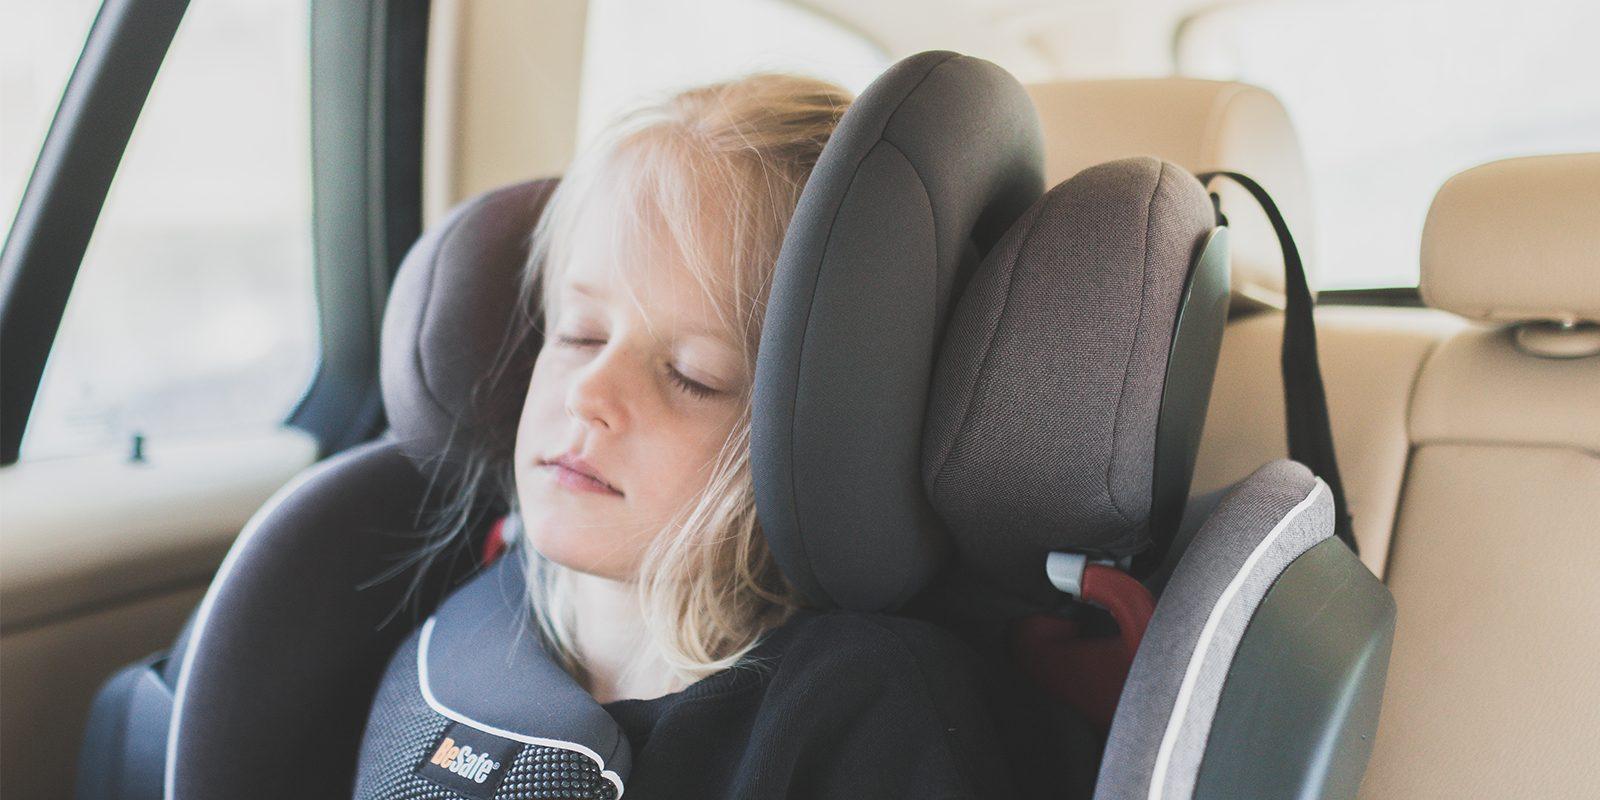 BeSafe-tips til en sikker køretur